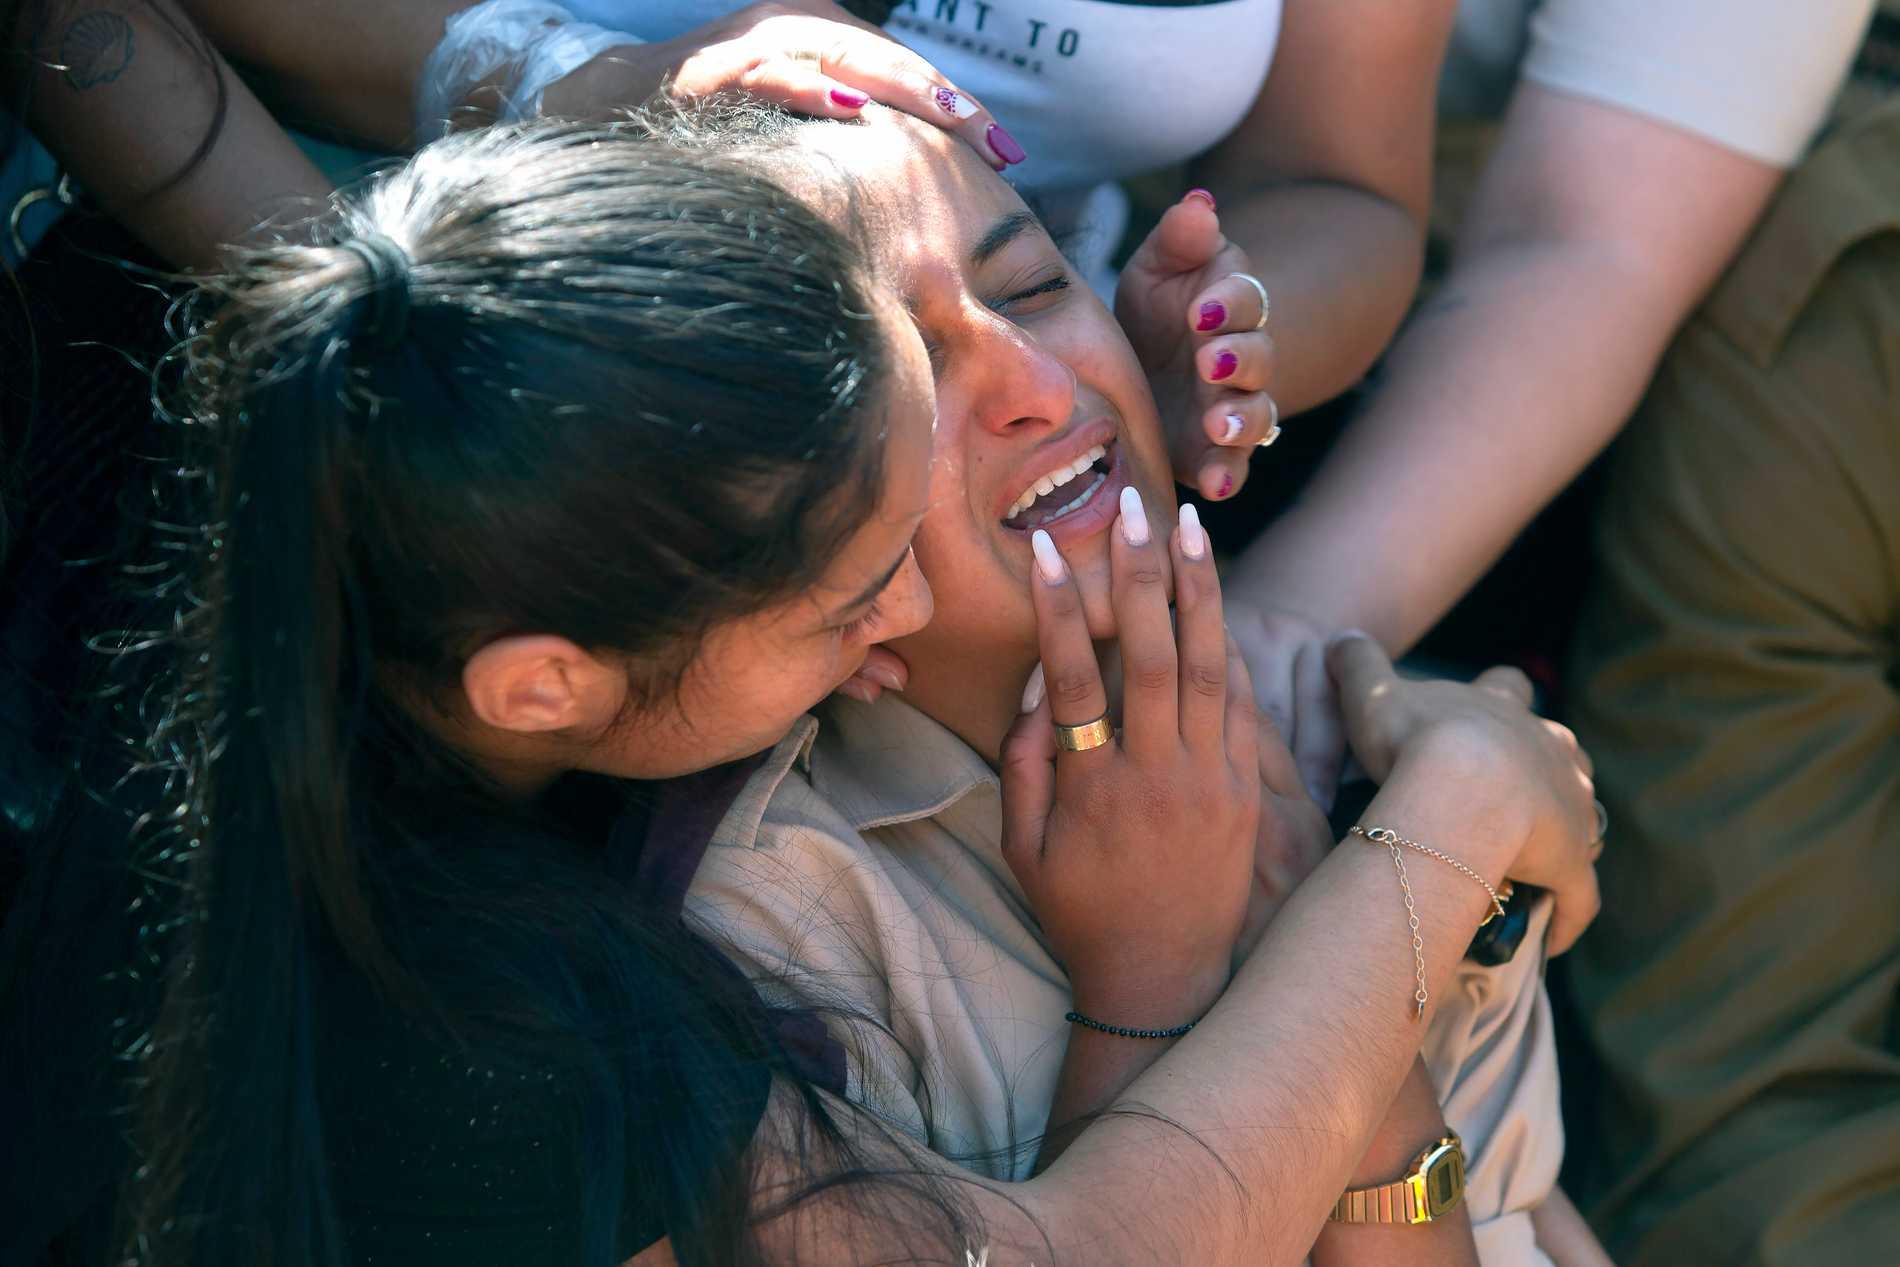 Anhöriga till israeliske soldaten Omer Tabib, 21 som dött i en attack i närheten av Gaza sörjer.